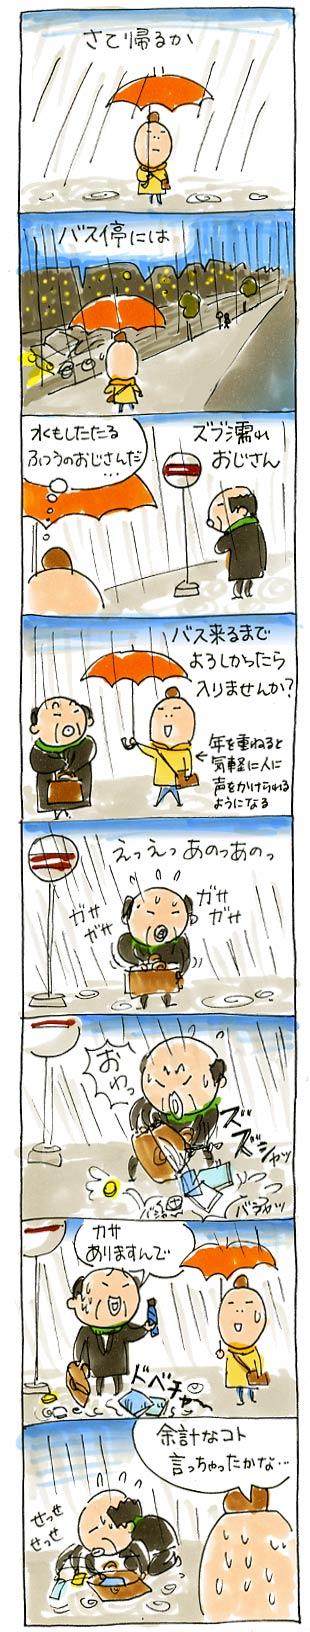 雨の停留所